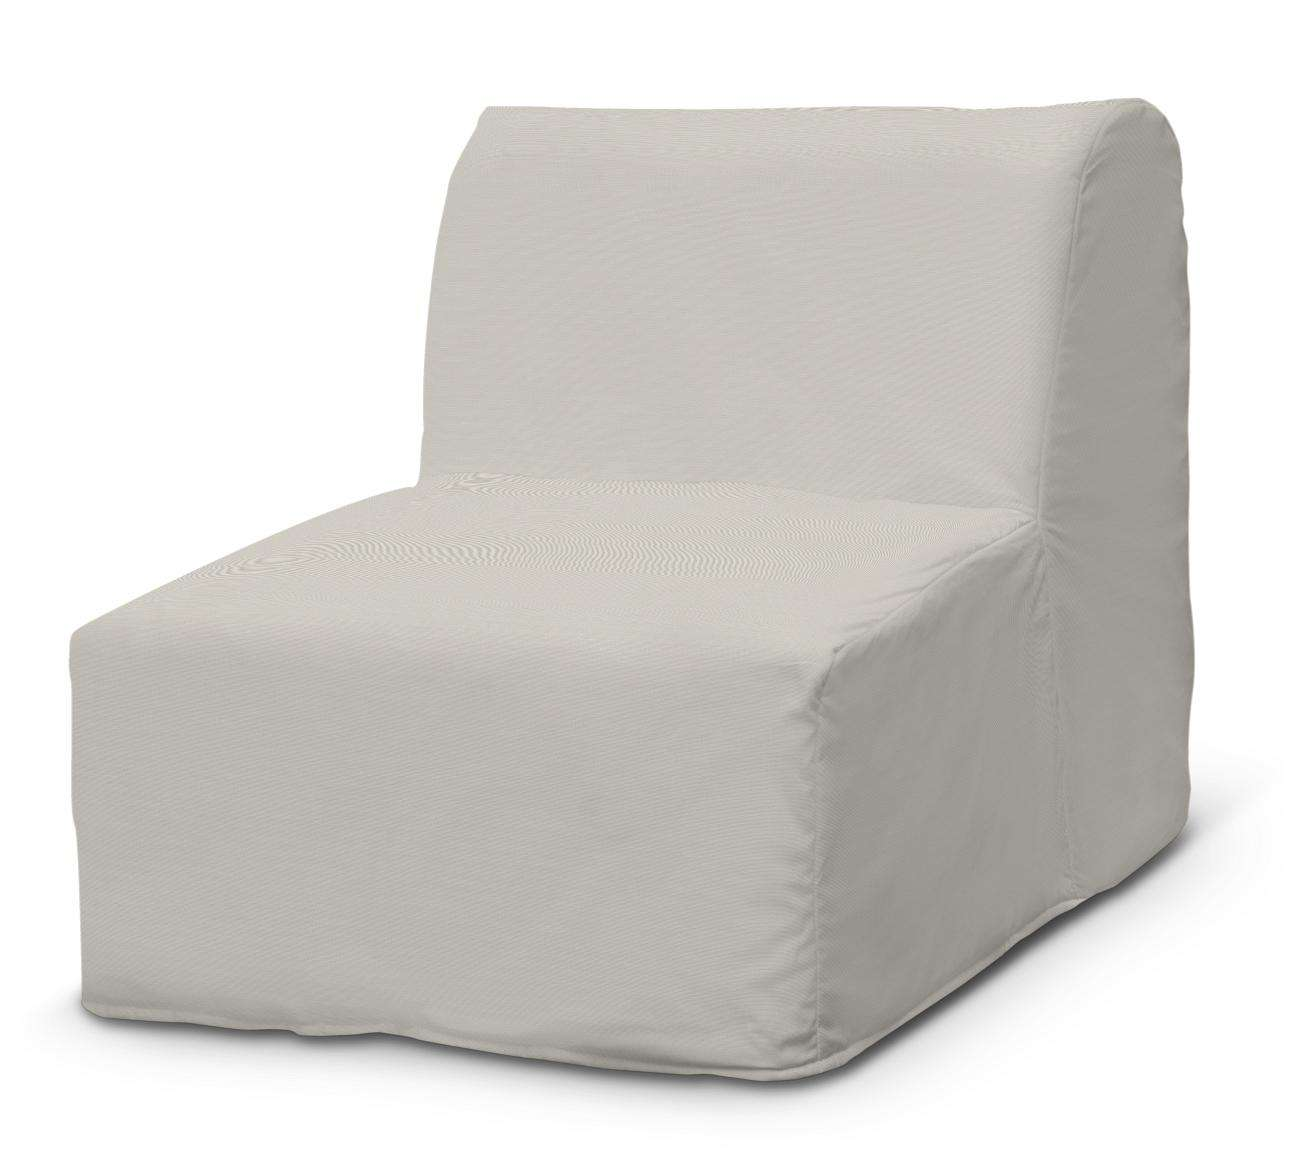 Lycksele fotelio užvalkalas Lycksele fotelis kolekcijoje Cotton Panama, audinys: 702-31